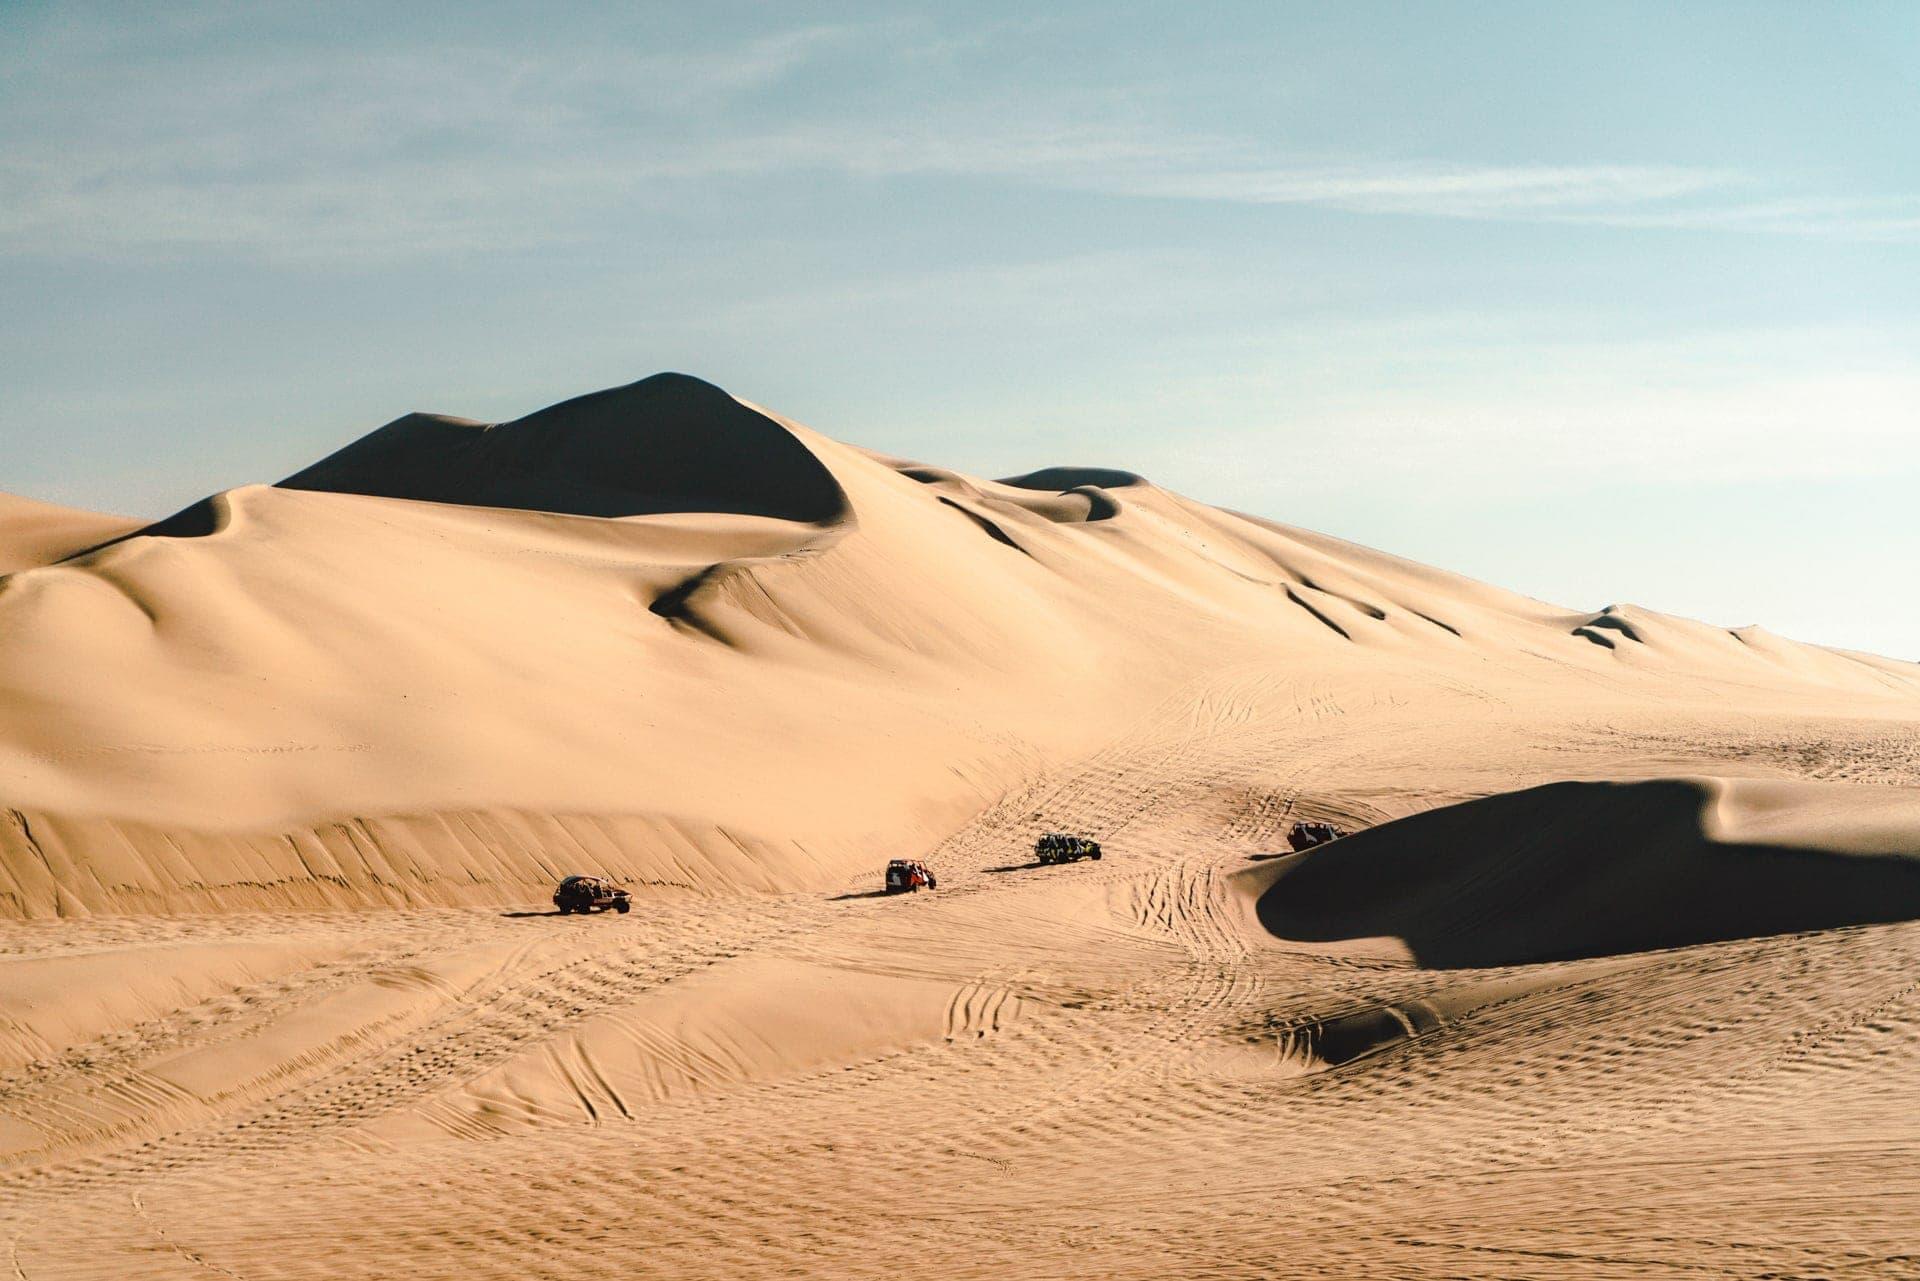 desert oasis buggy tour peru